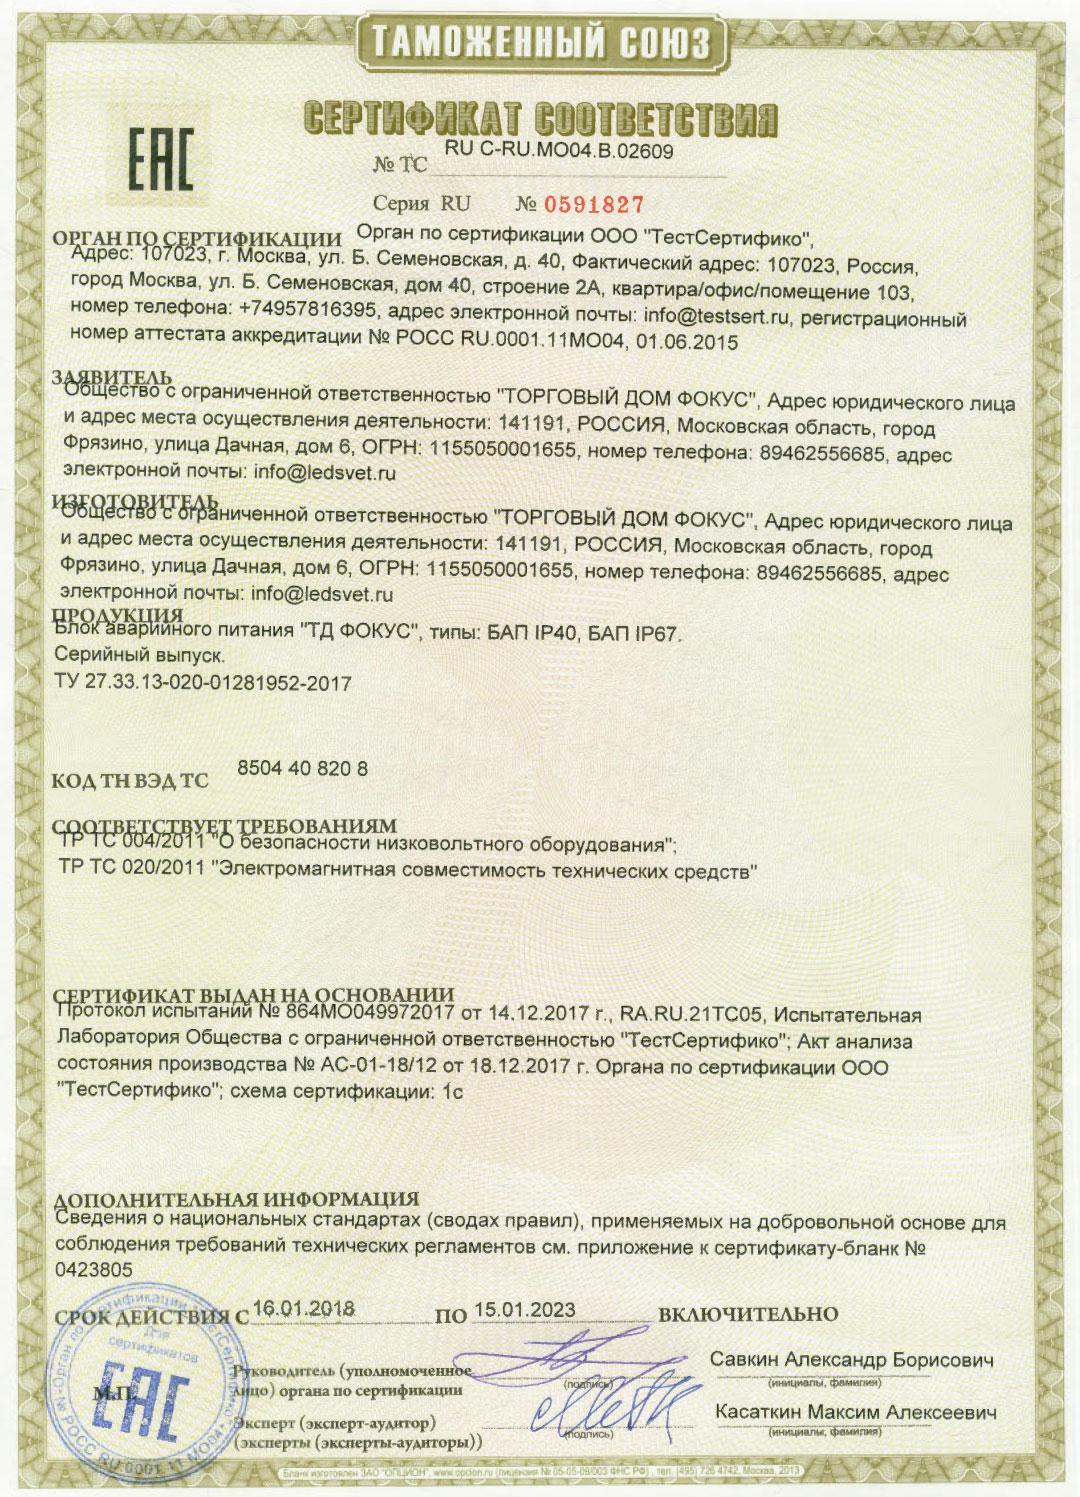 Сертификат соответствия Таможенного союза на БАП